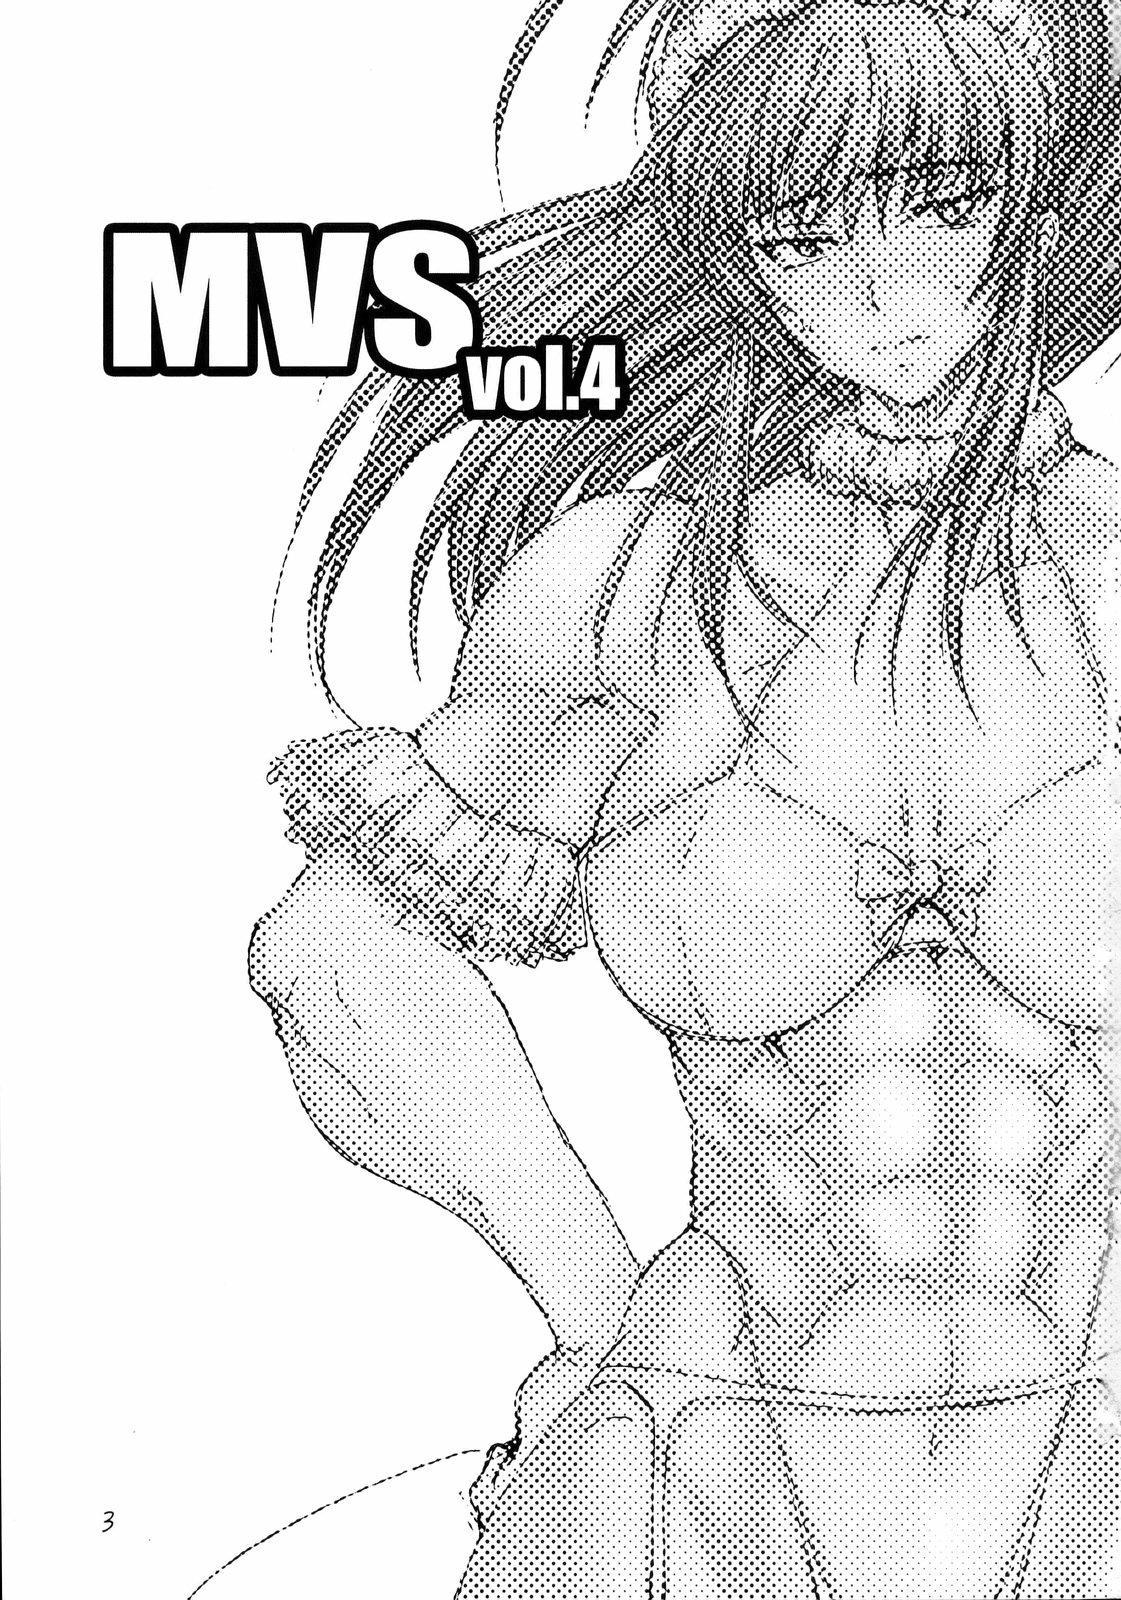 MVS vol.4 1